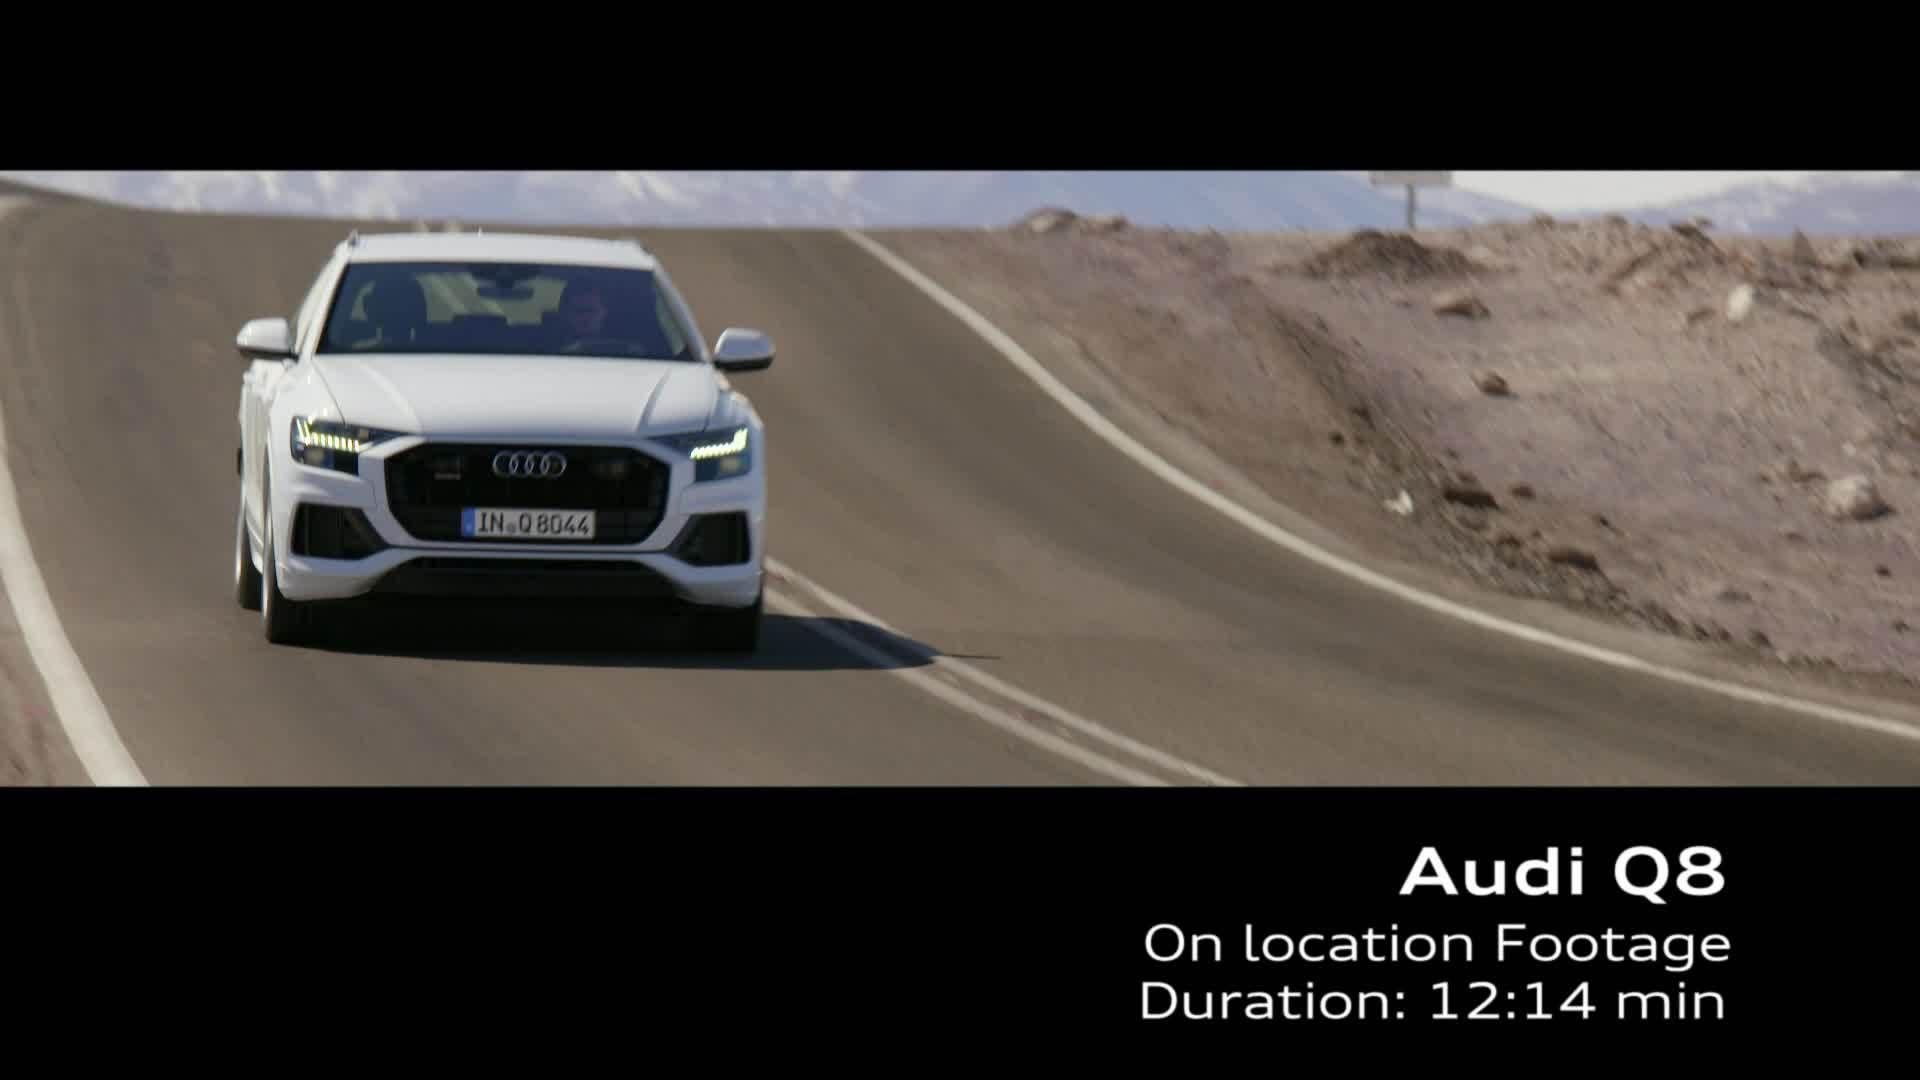 Audi Q8 Footage Chile Gletscherweiß